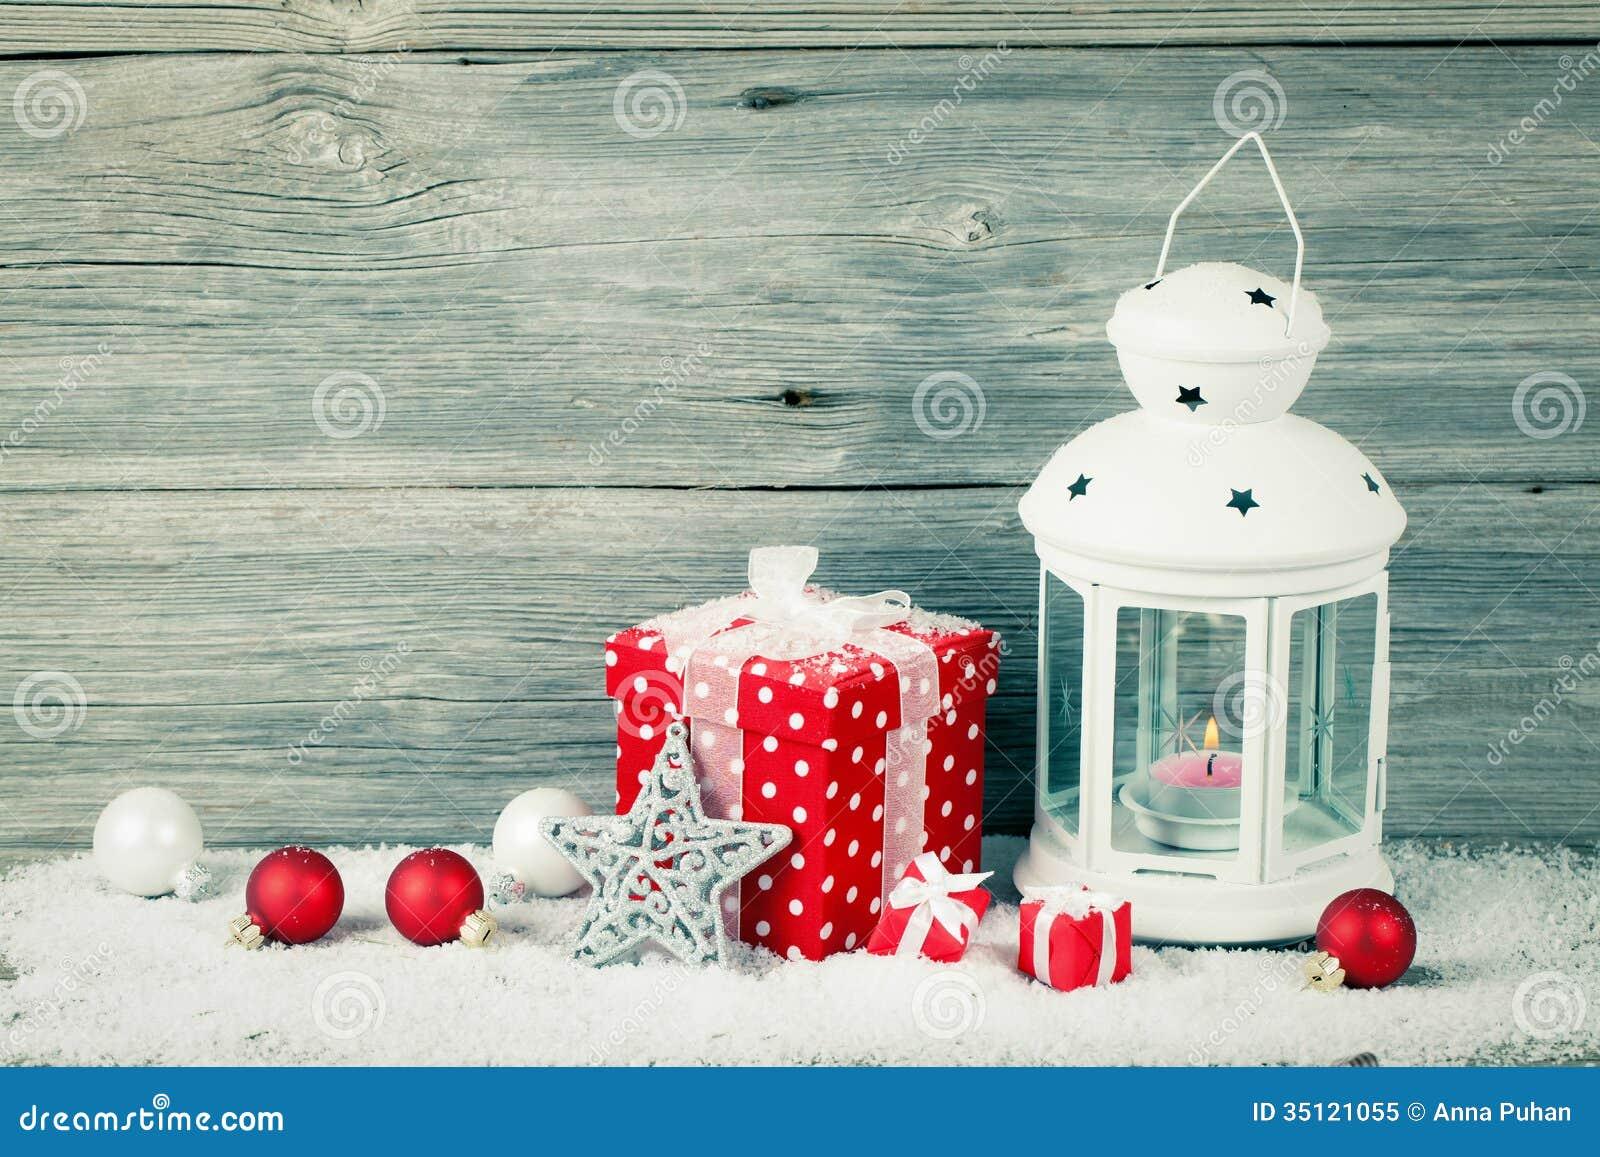 lanterne br lante dans la neige avec la d coration de no l photo libre de droits image 35121055. Black Bedroom Furniture Sets. Home Design Ideas